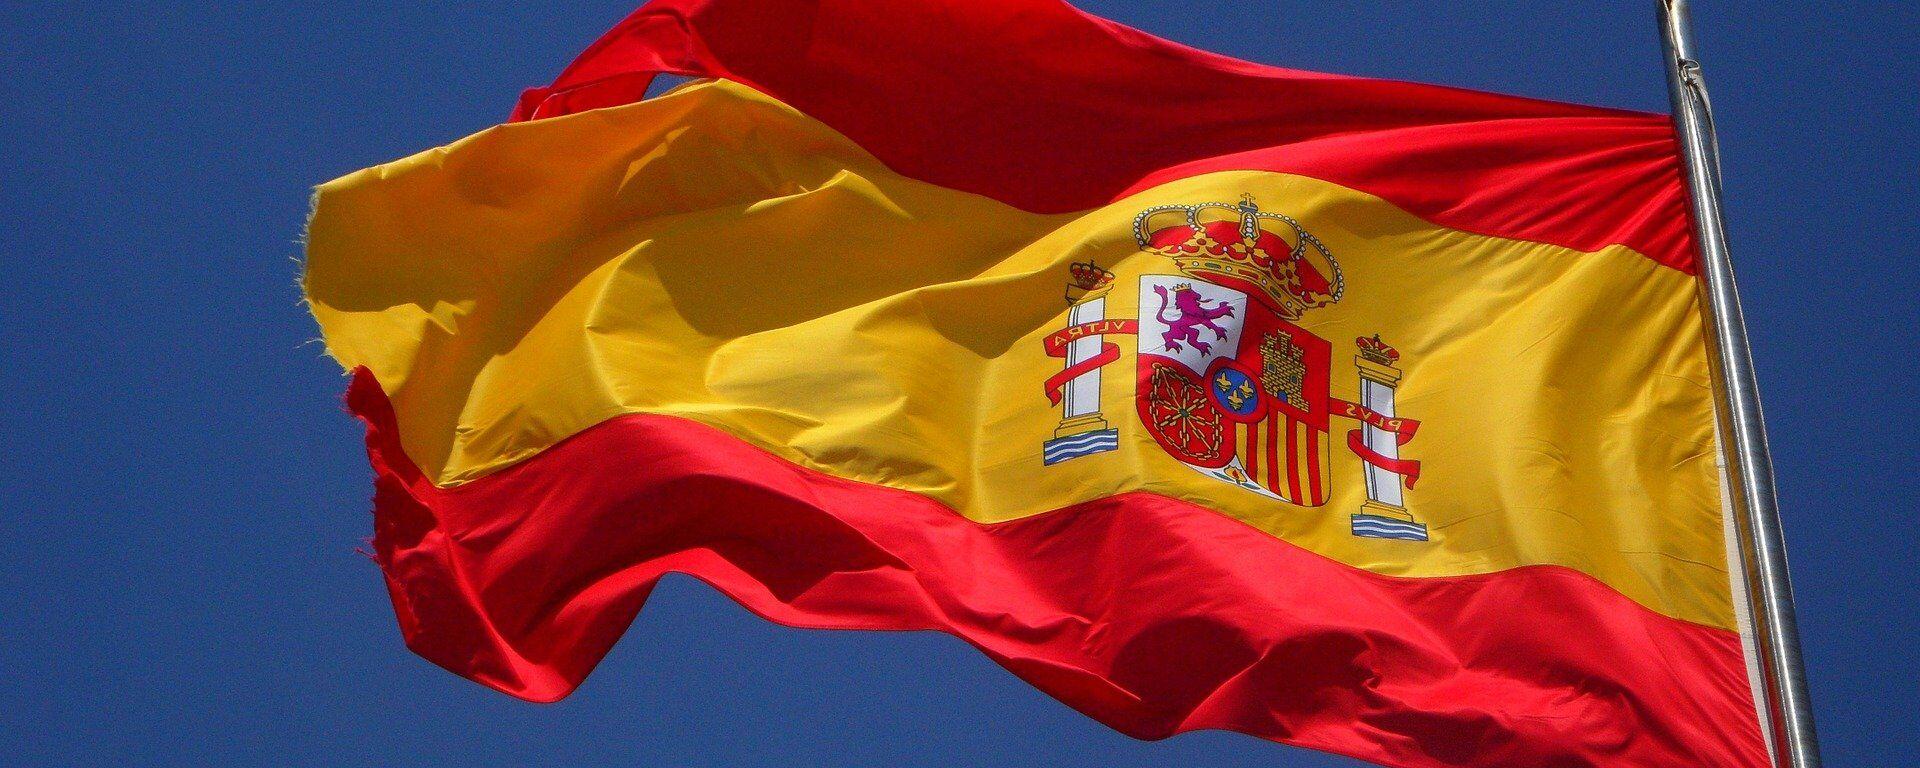 Bandiera Spagna - Sputnik Italia, 1920, 07.06.2021